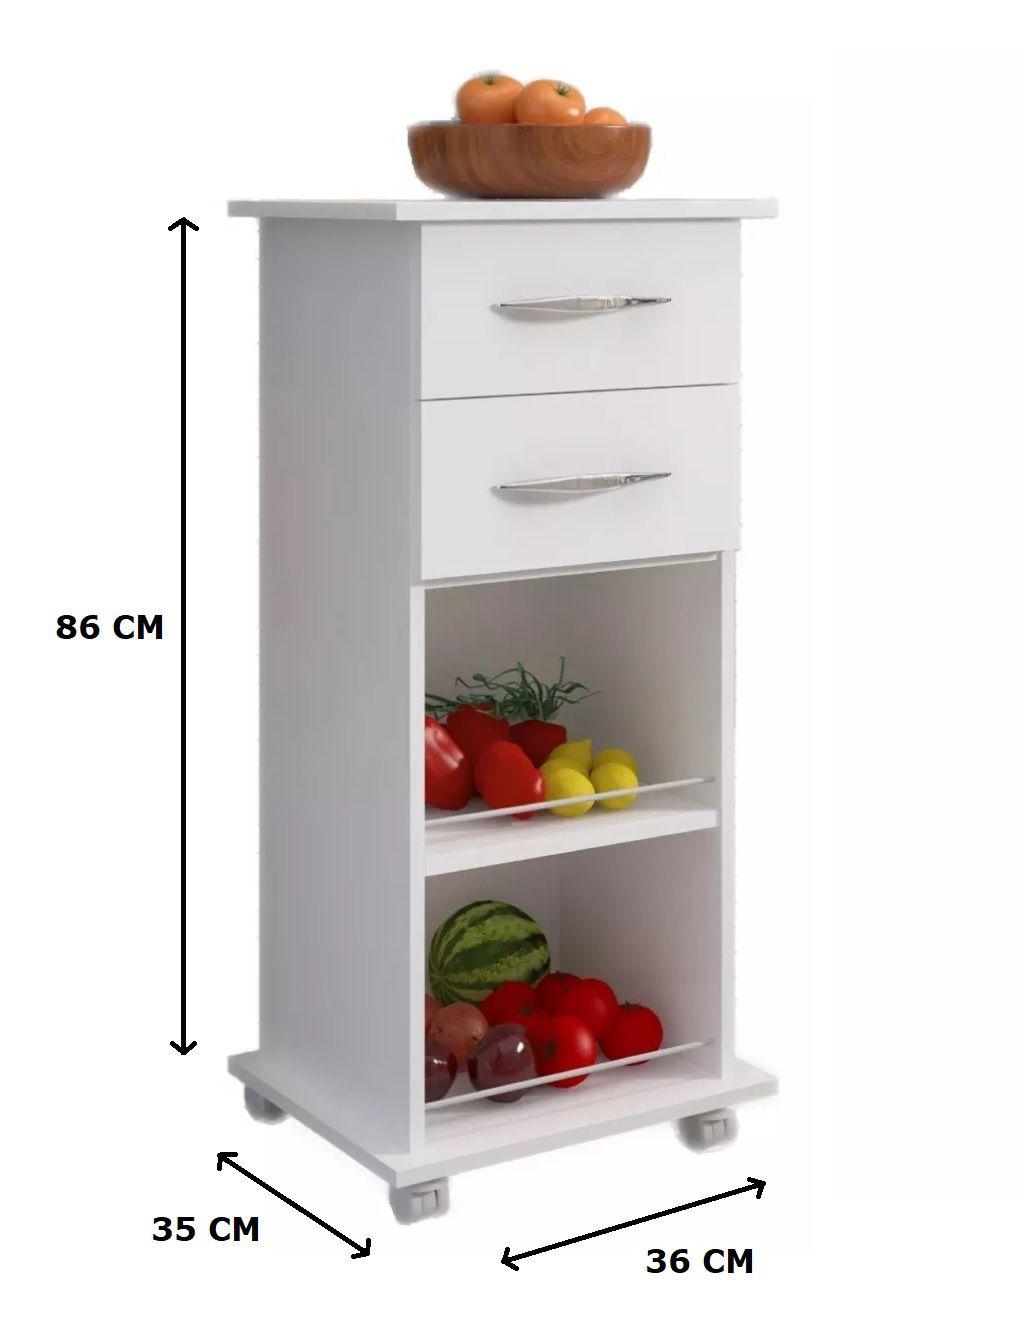 Fruteira Branca Cozinha c/ Rodinhas Armazenamento